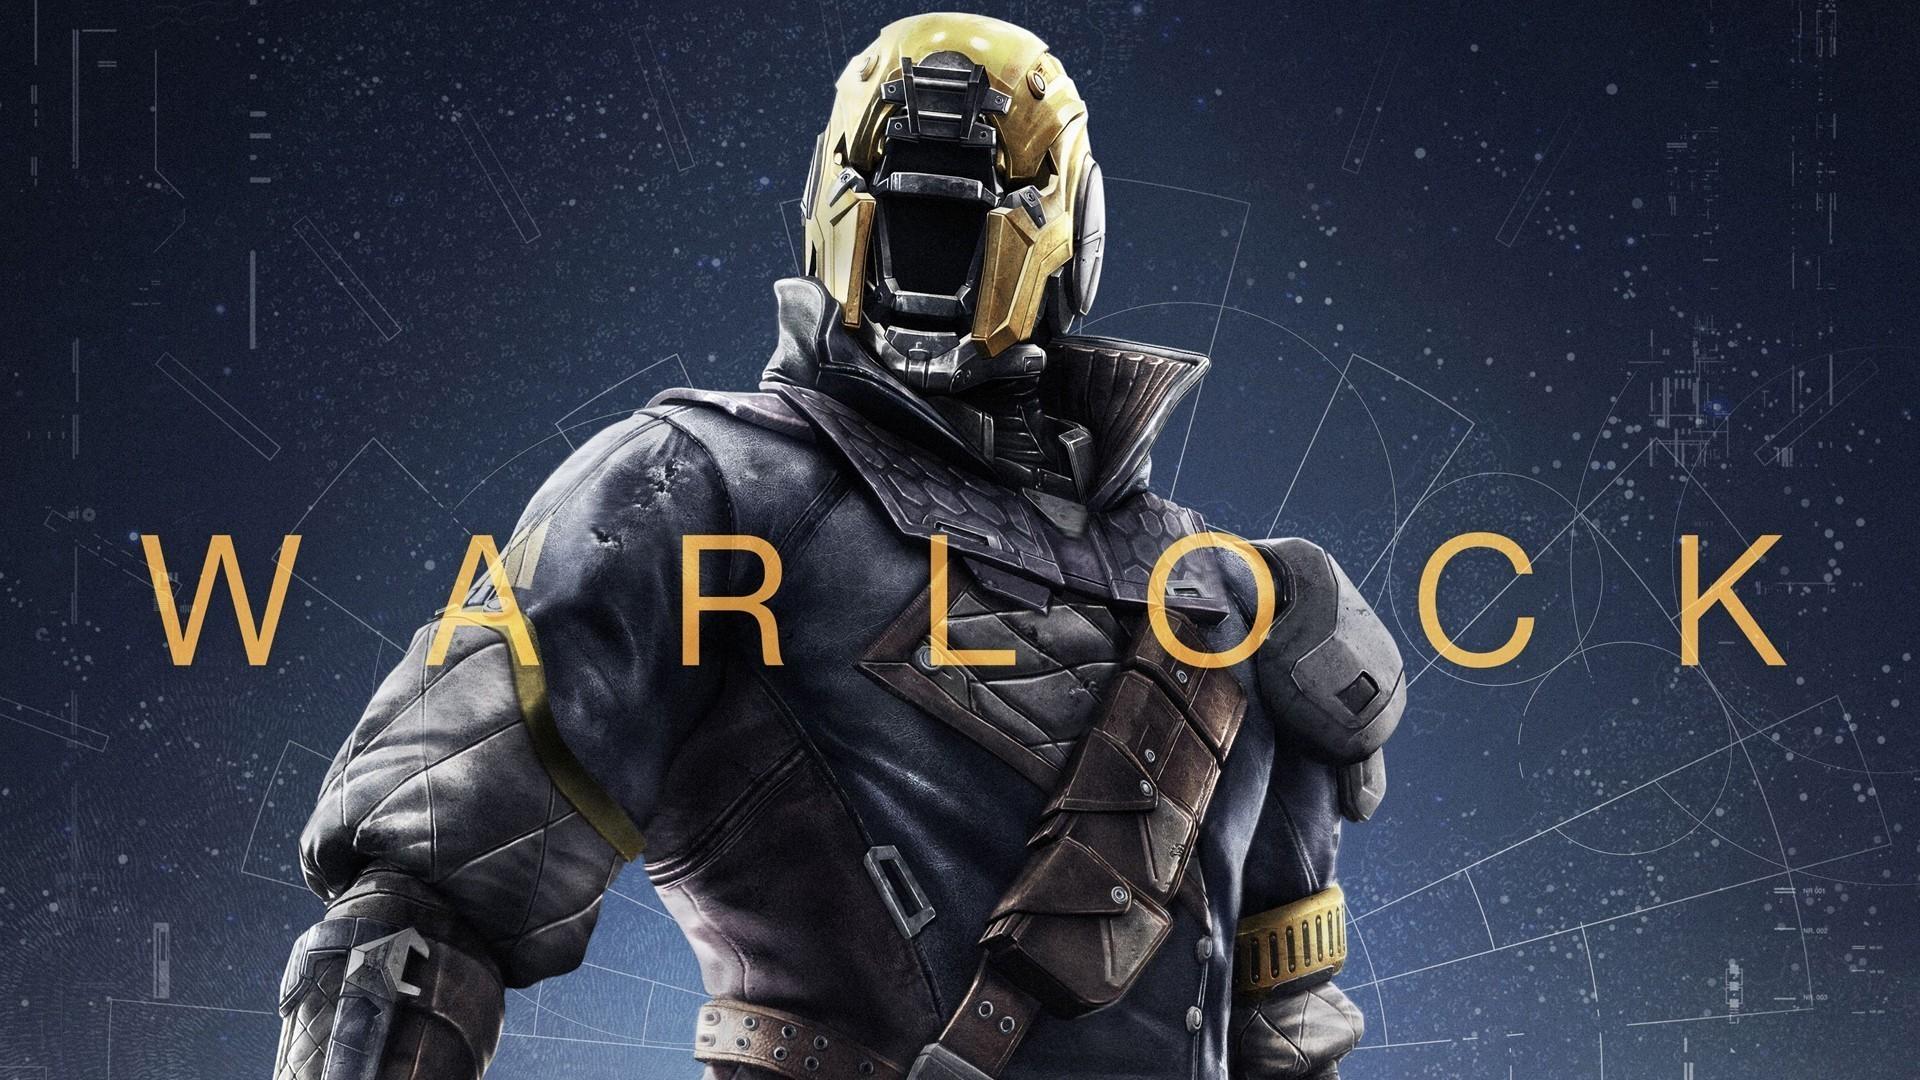 Warlock in Destiny Wallpapers   HD Wallpapers